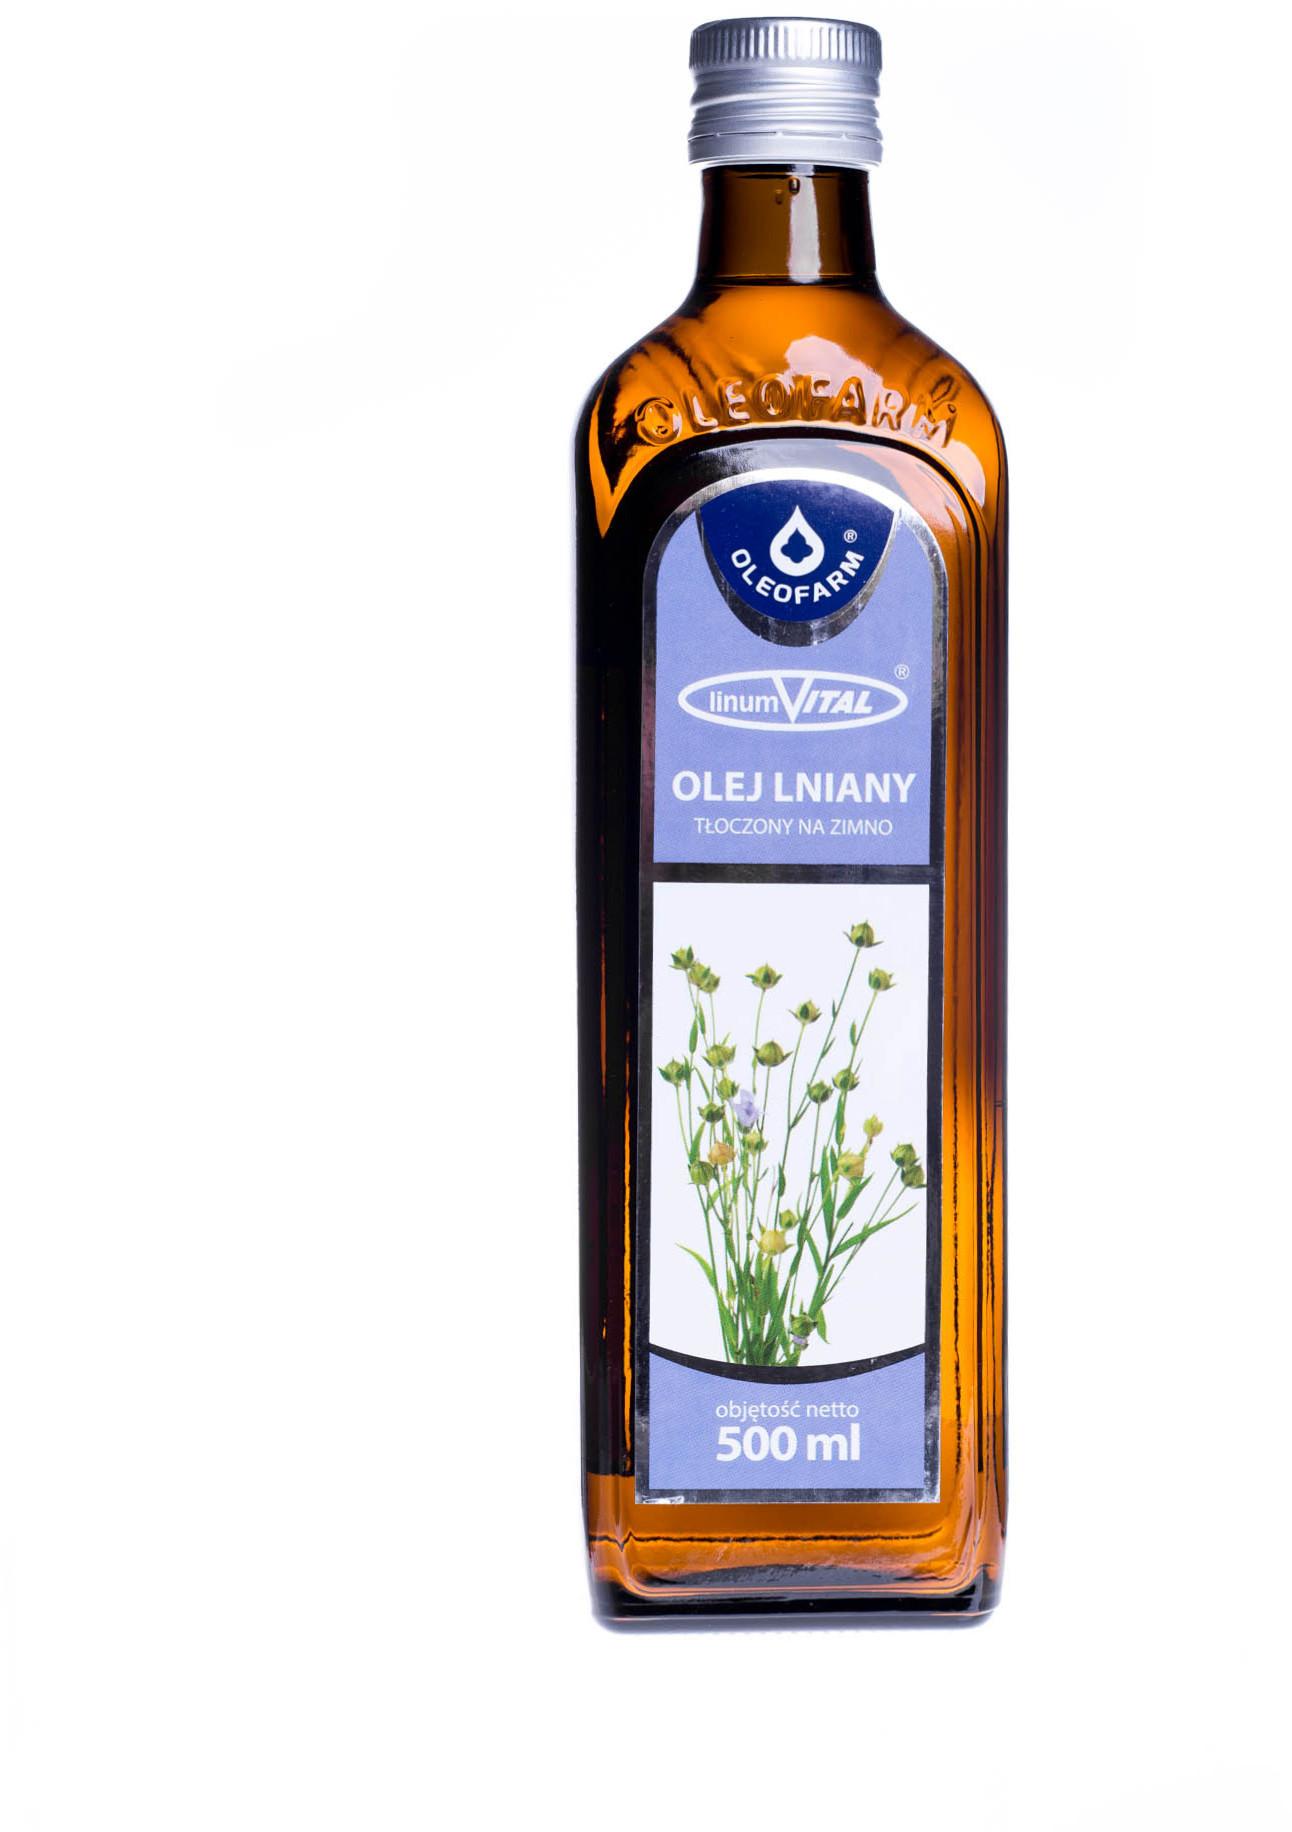 Oleofarm Olej lniany tłoczony na zimno 500 ml